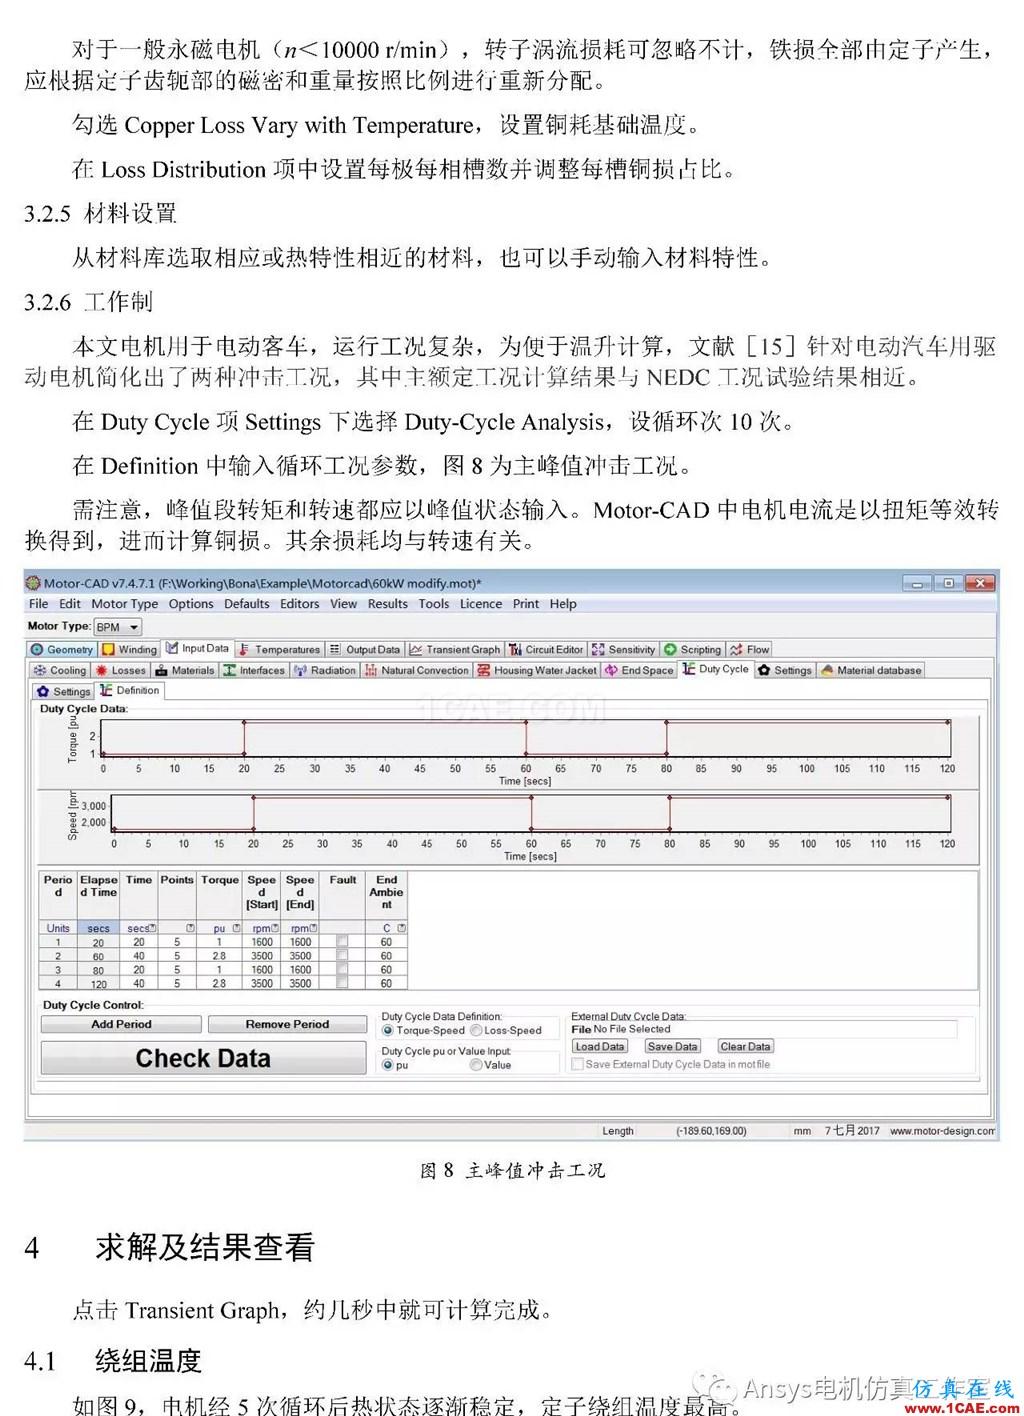 基于RMxprt和Motor-CAD永磁电机温升速算方法Maxwell培训教程图片7